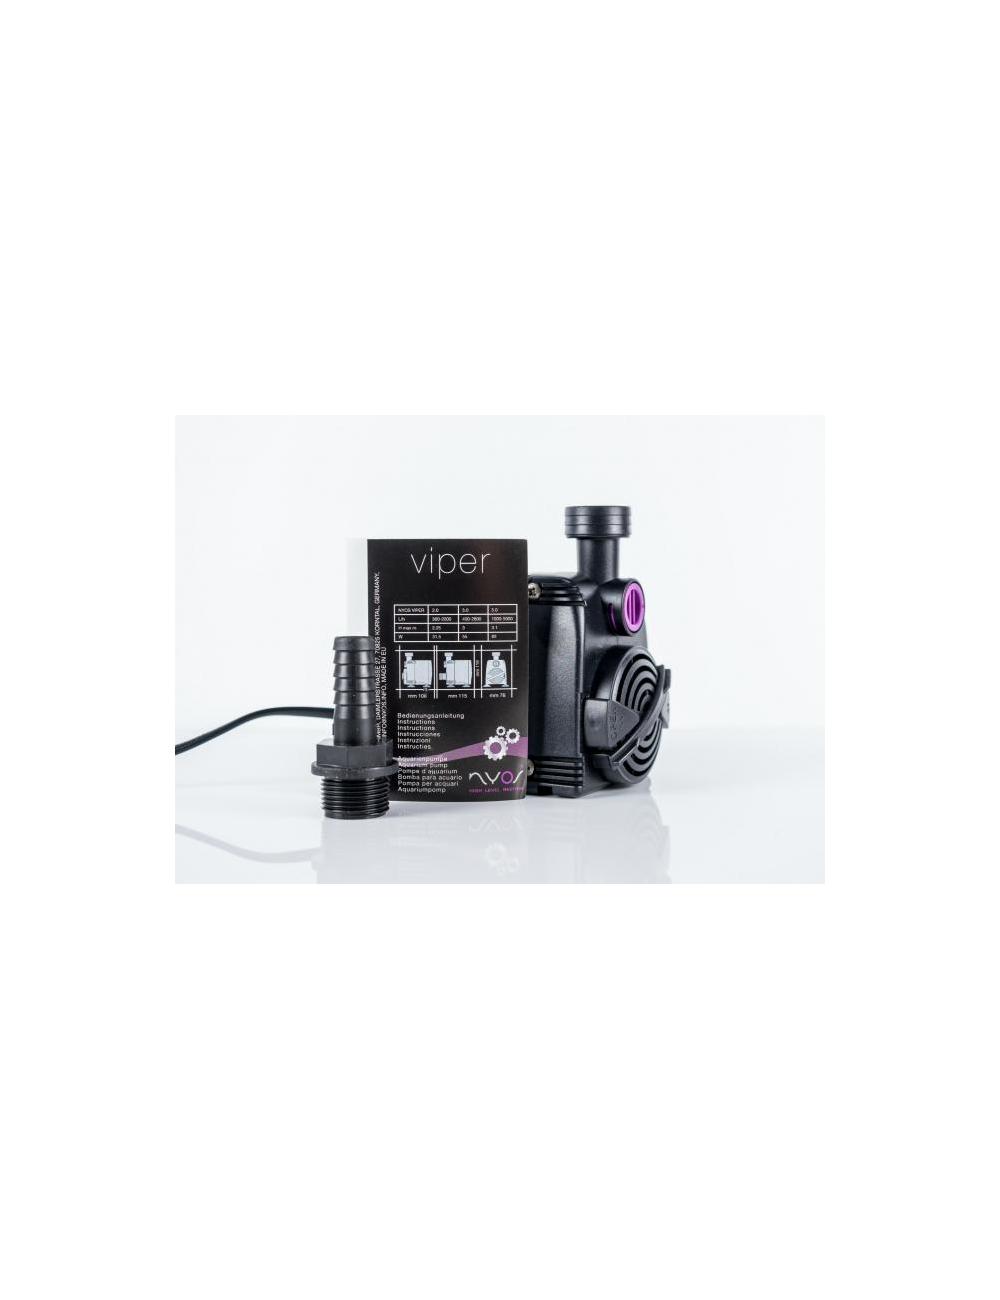 NYOS - Viper 3.0 - Pompe de remontée 2800 l/h